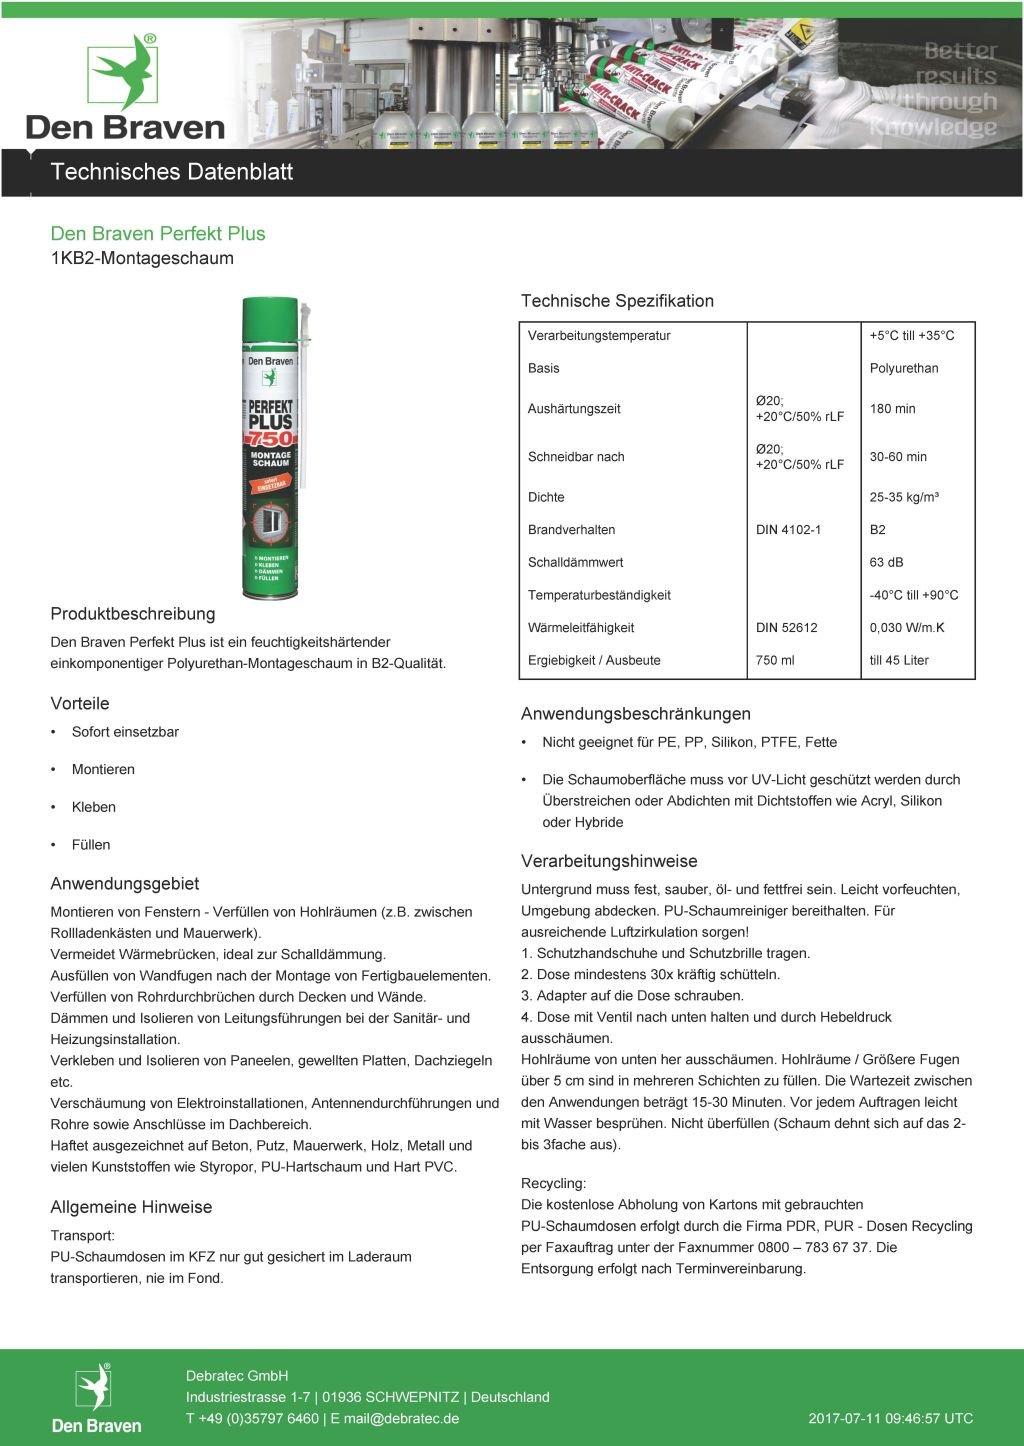 Den Braven Set profesional con 3 x 500 ml Lata Espuma de montaje perfecto Plus 500 1 K B2 - Beige, listo para usar, fabricado en Alemania: Amazon.es: ...